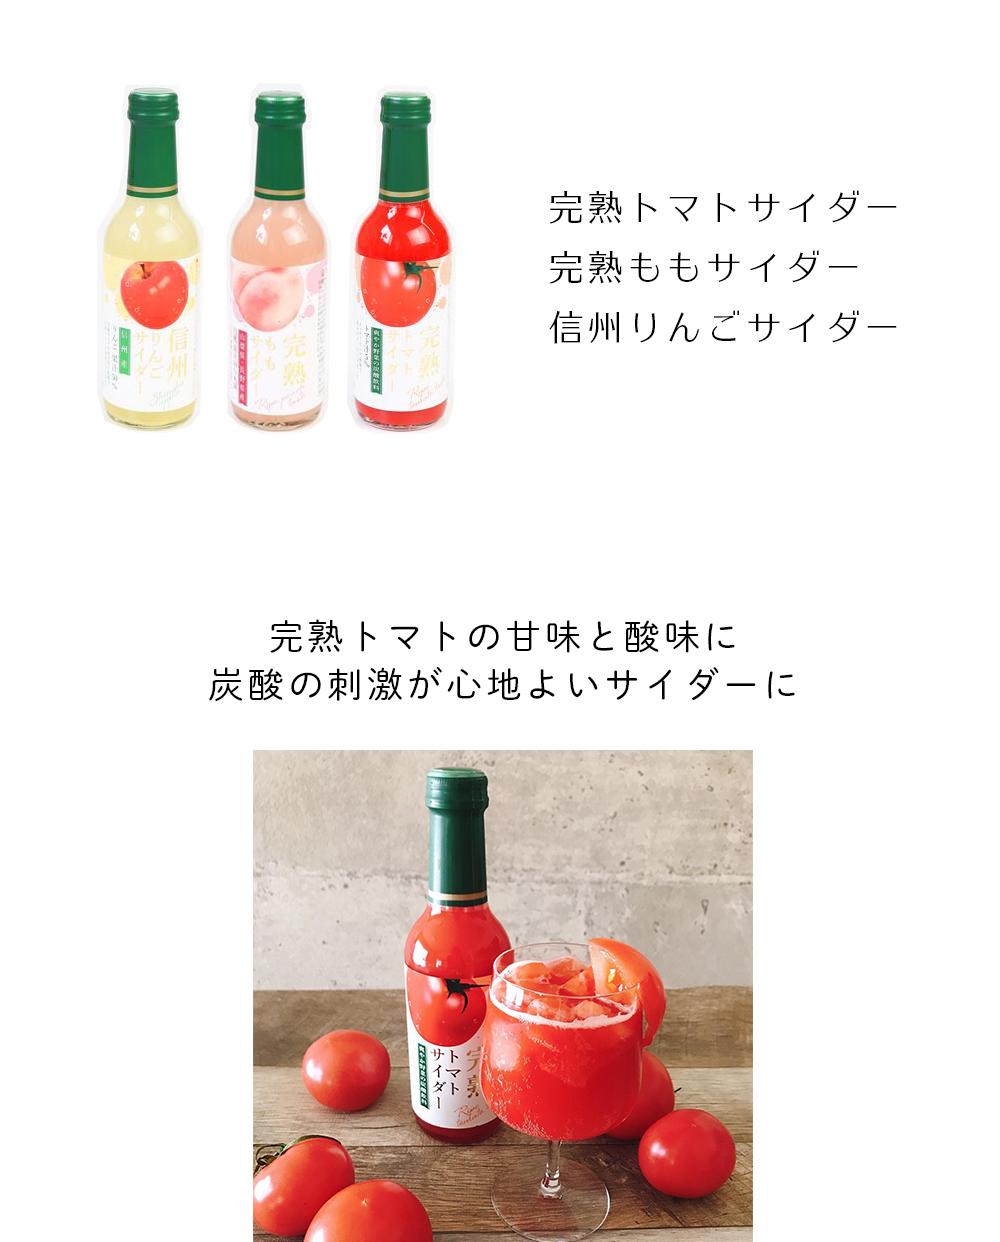 木村飲料のサイダー